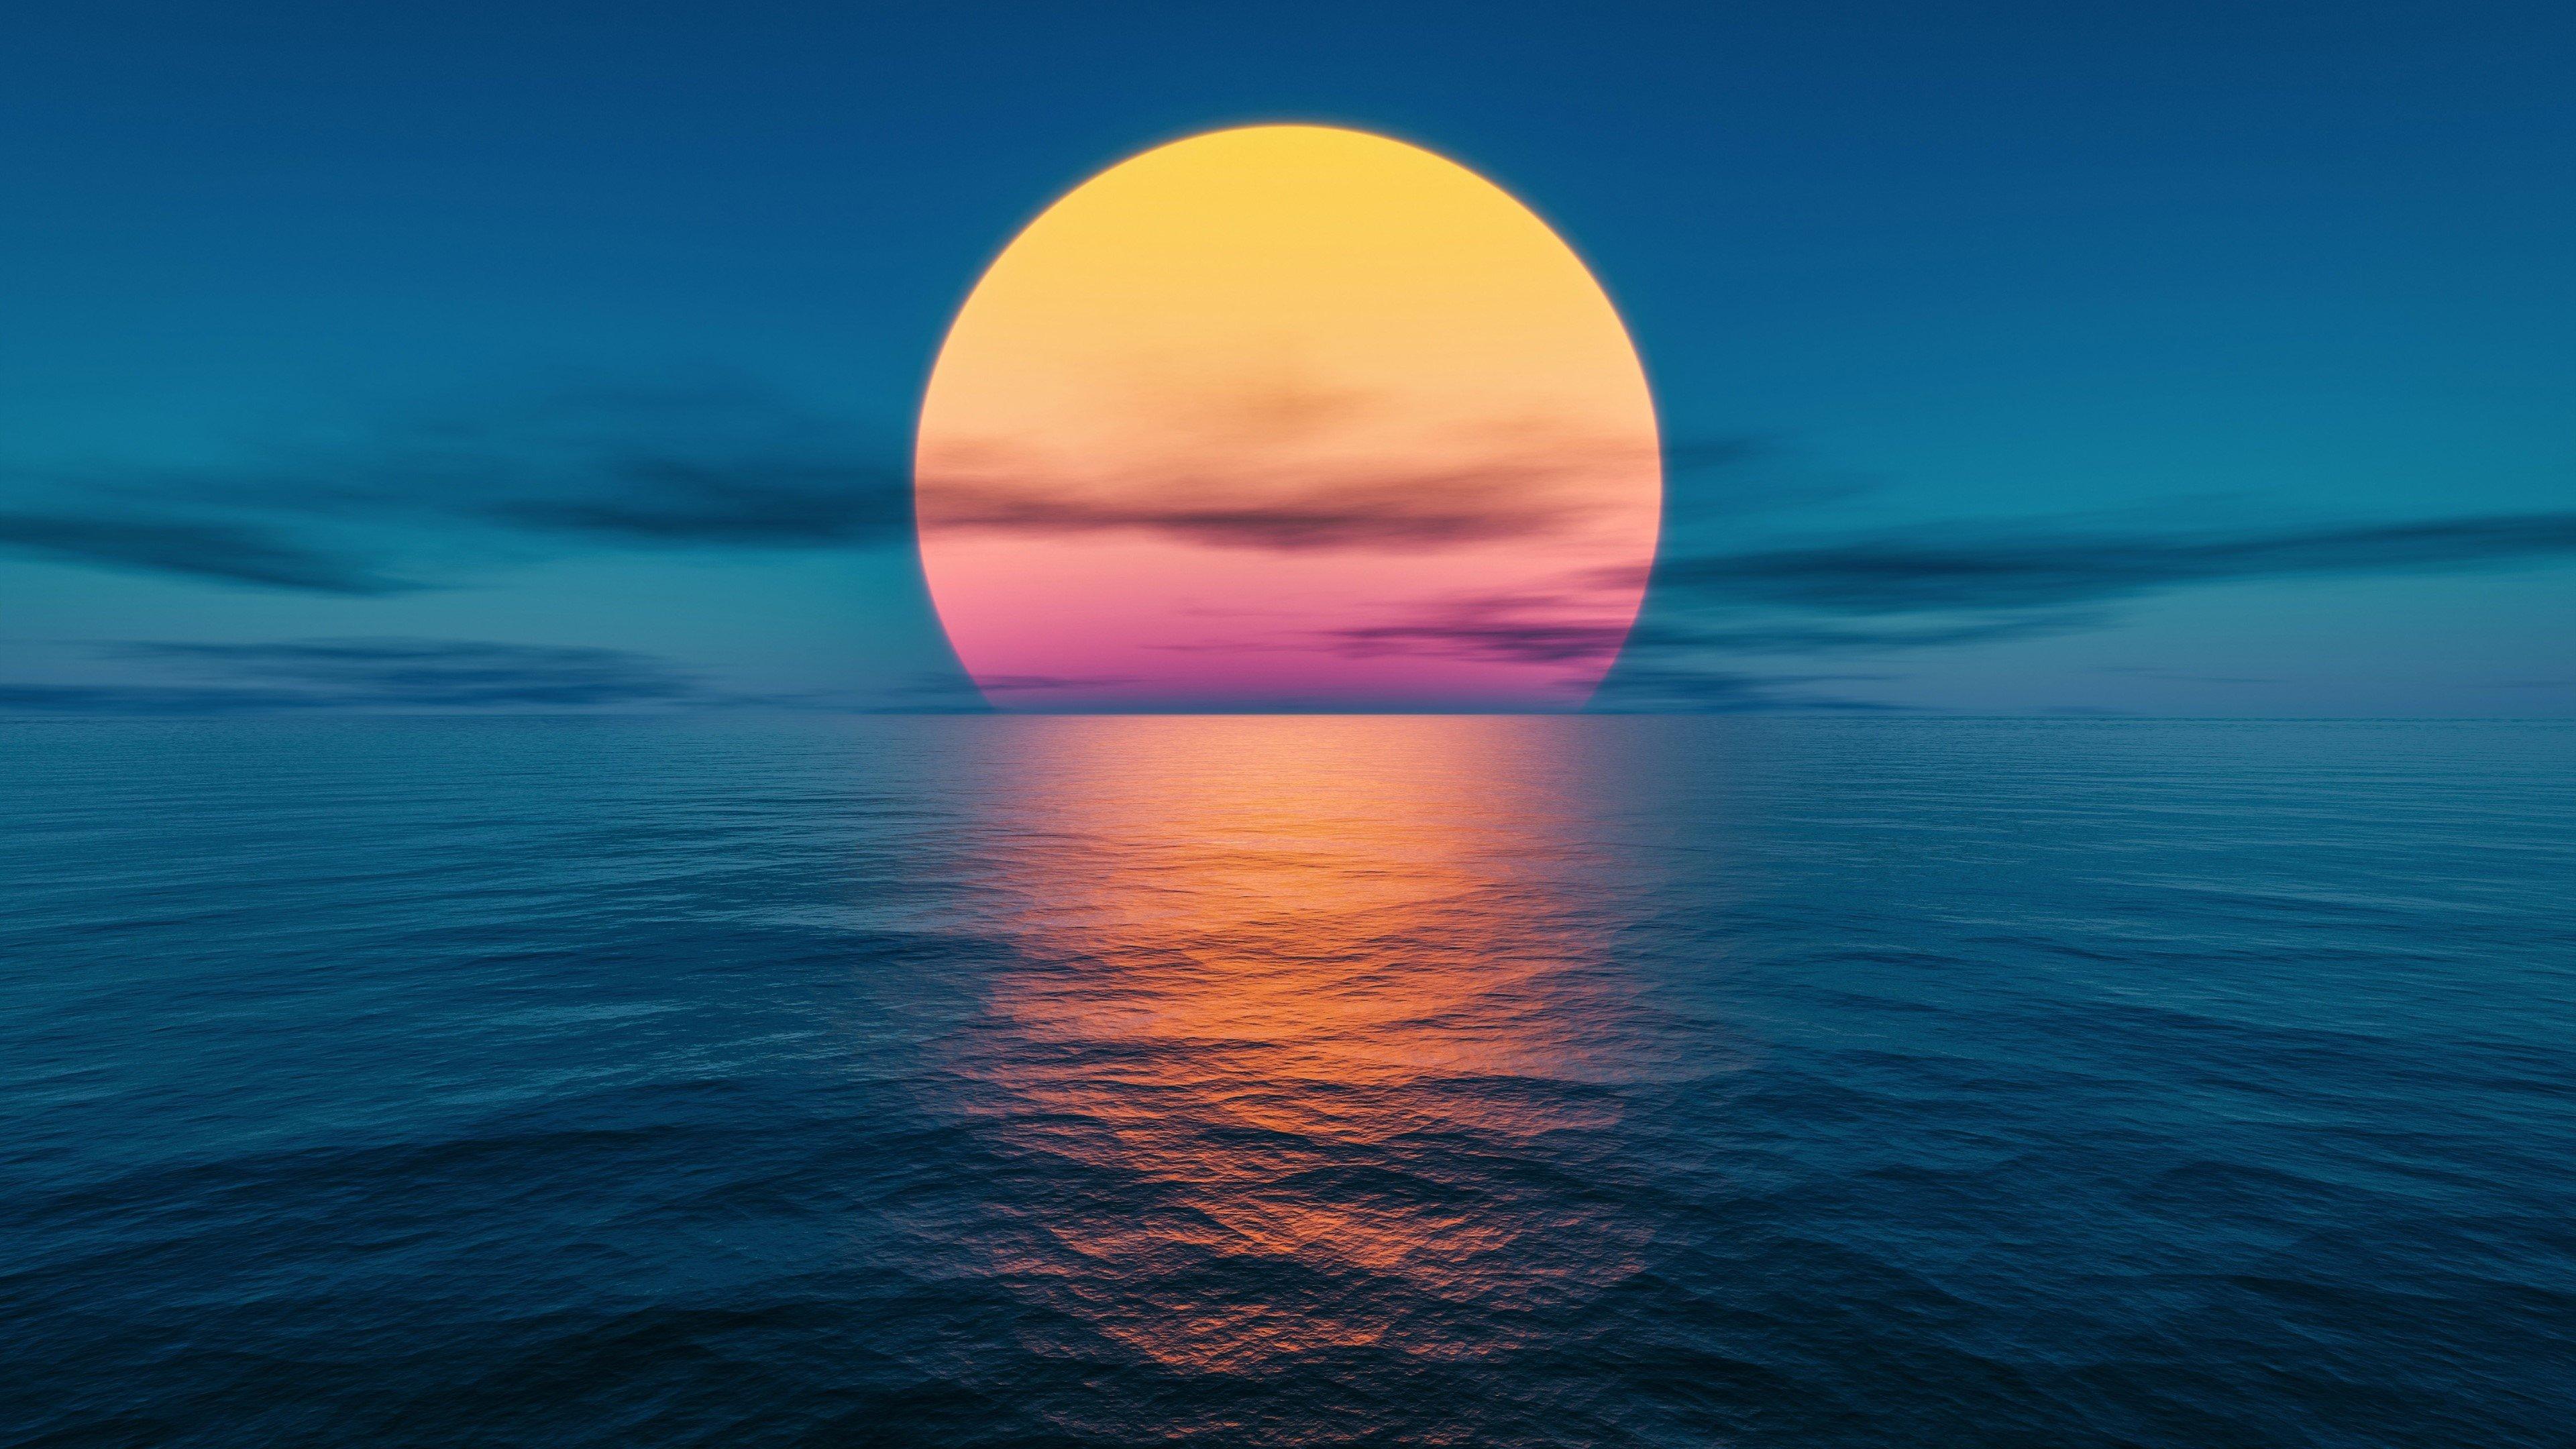 Fondos de pantalla Puesta de sol en el océano Fantasía